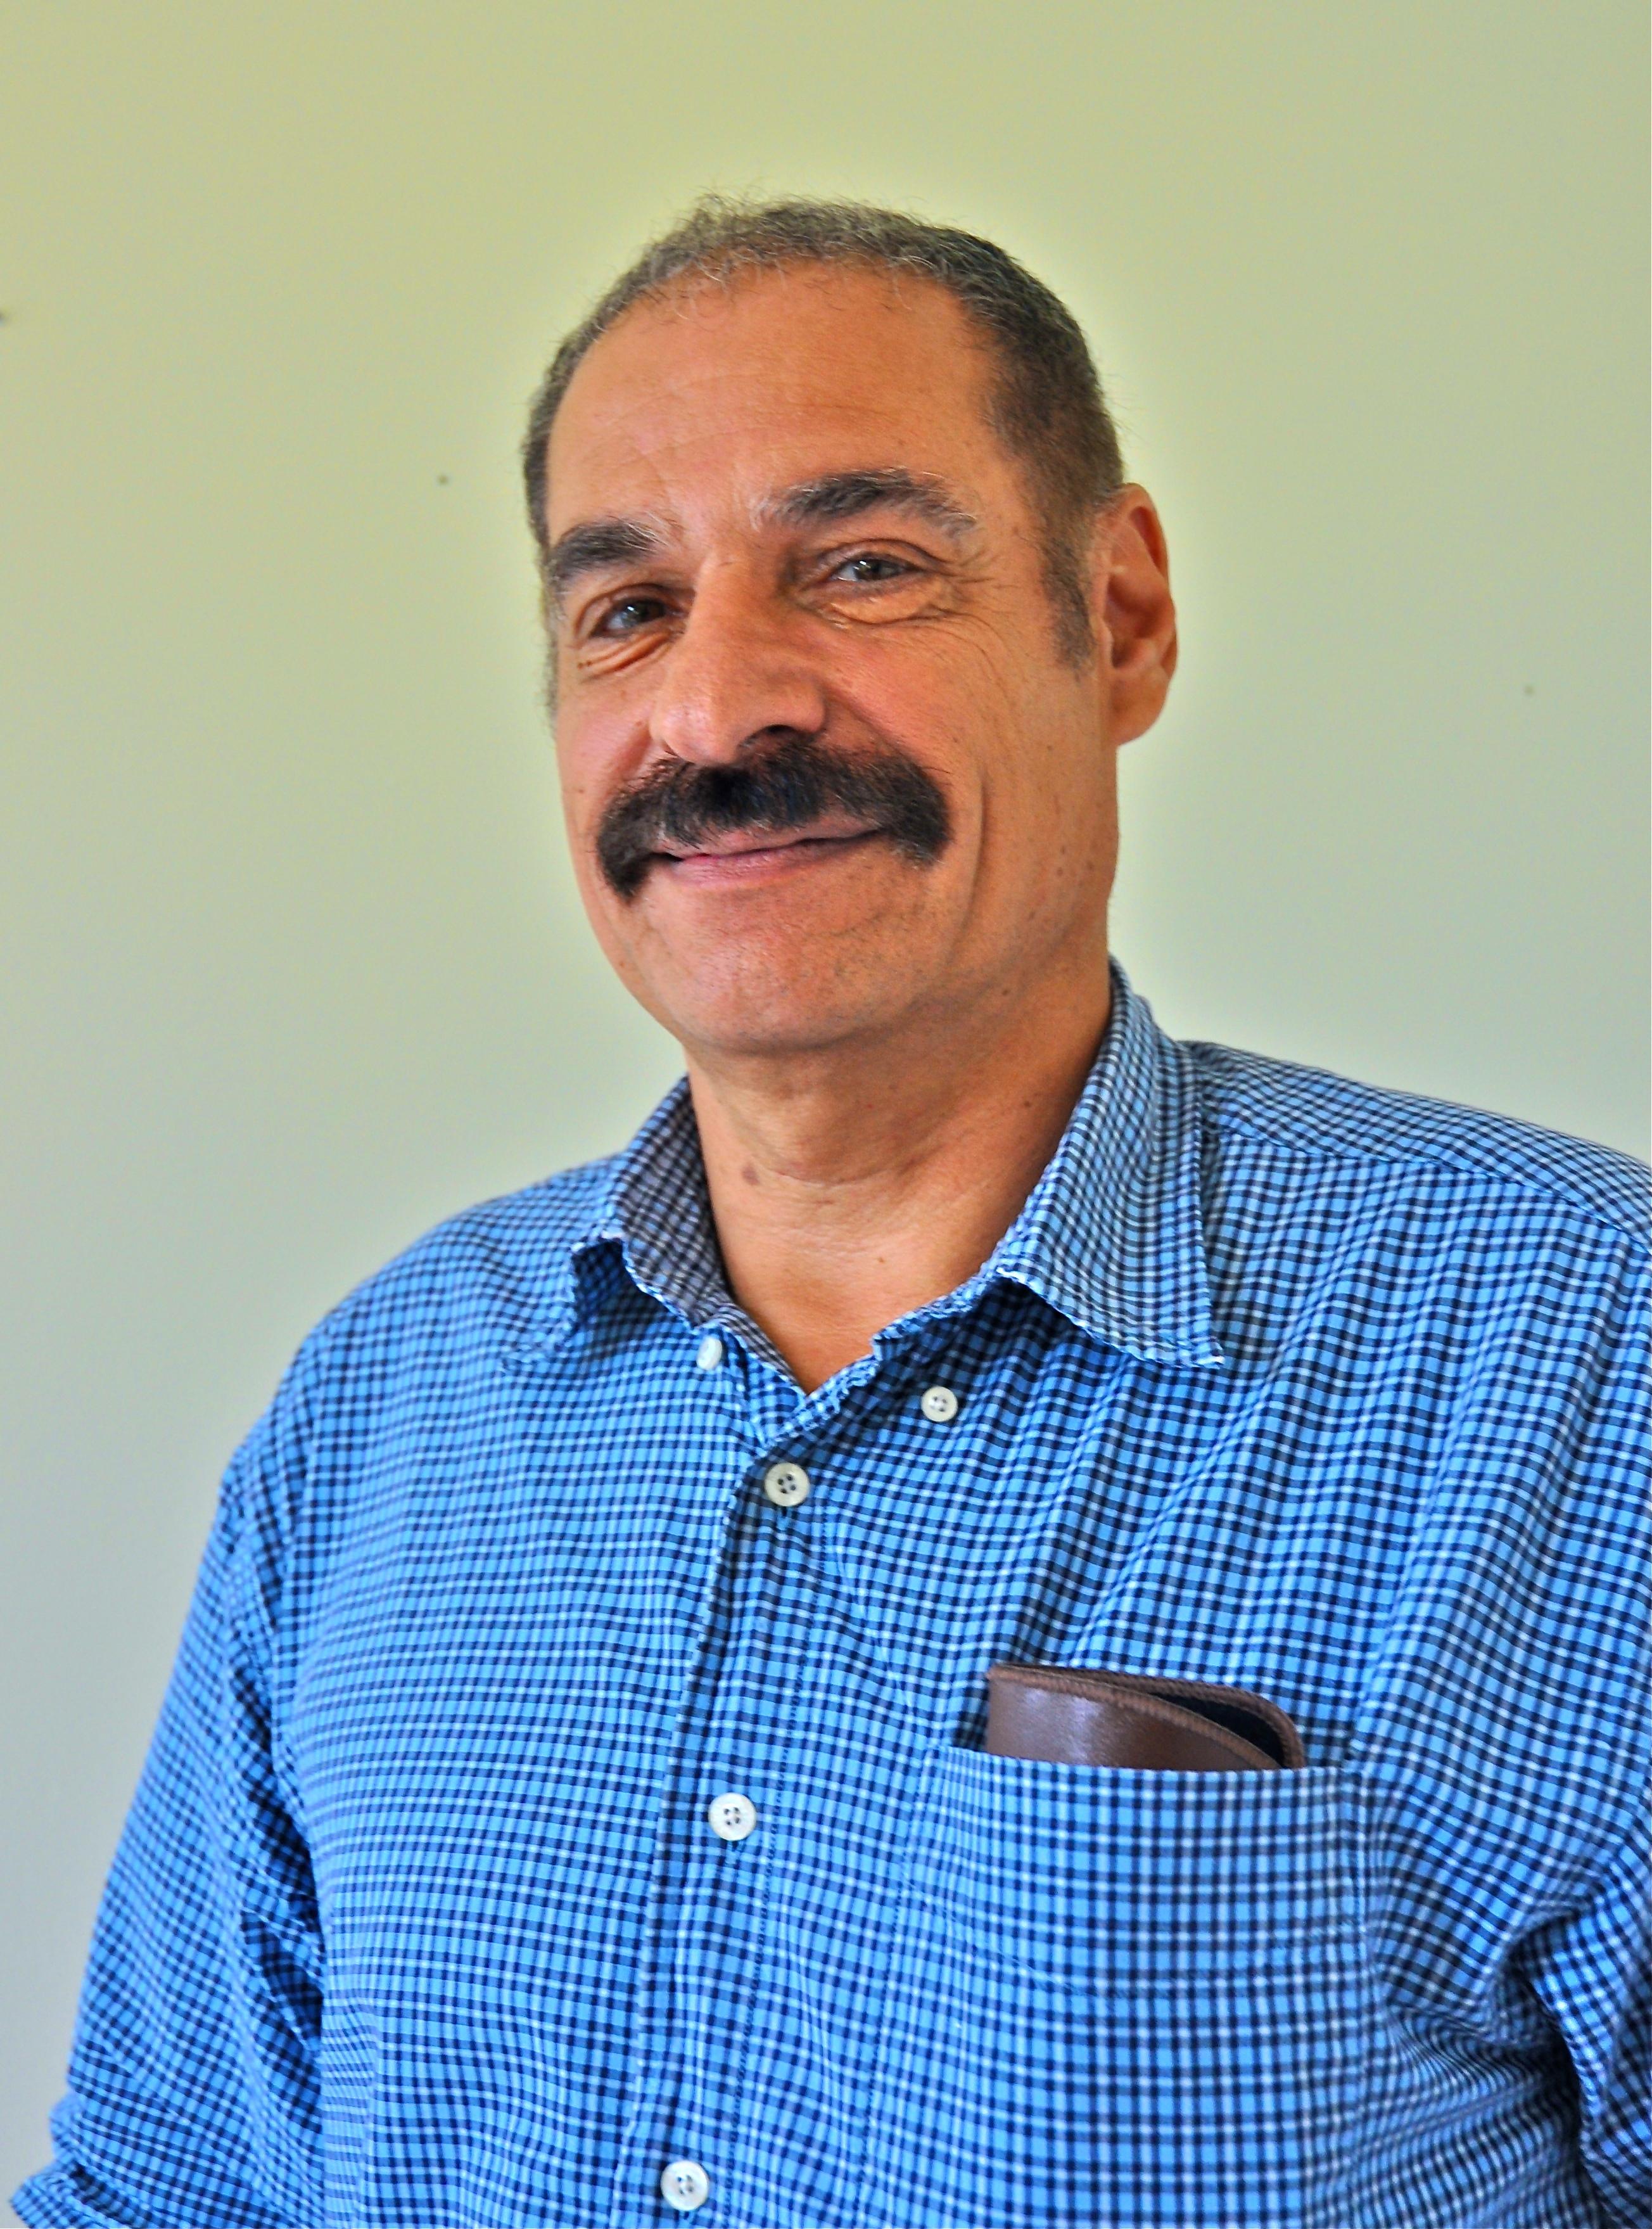 Peter Gonzalez, foto de Antonio Flores-Lobos